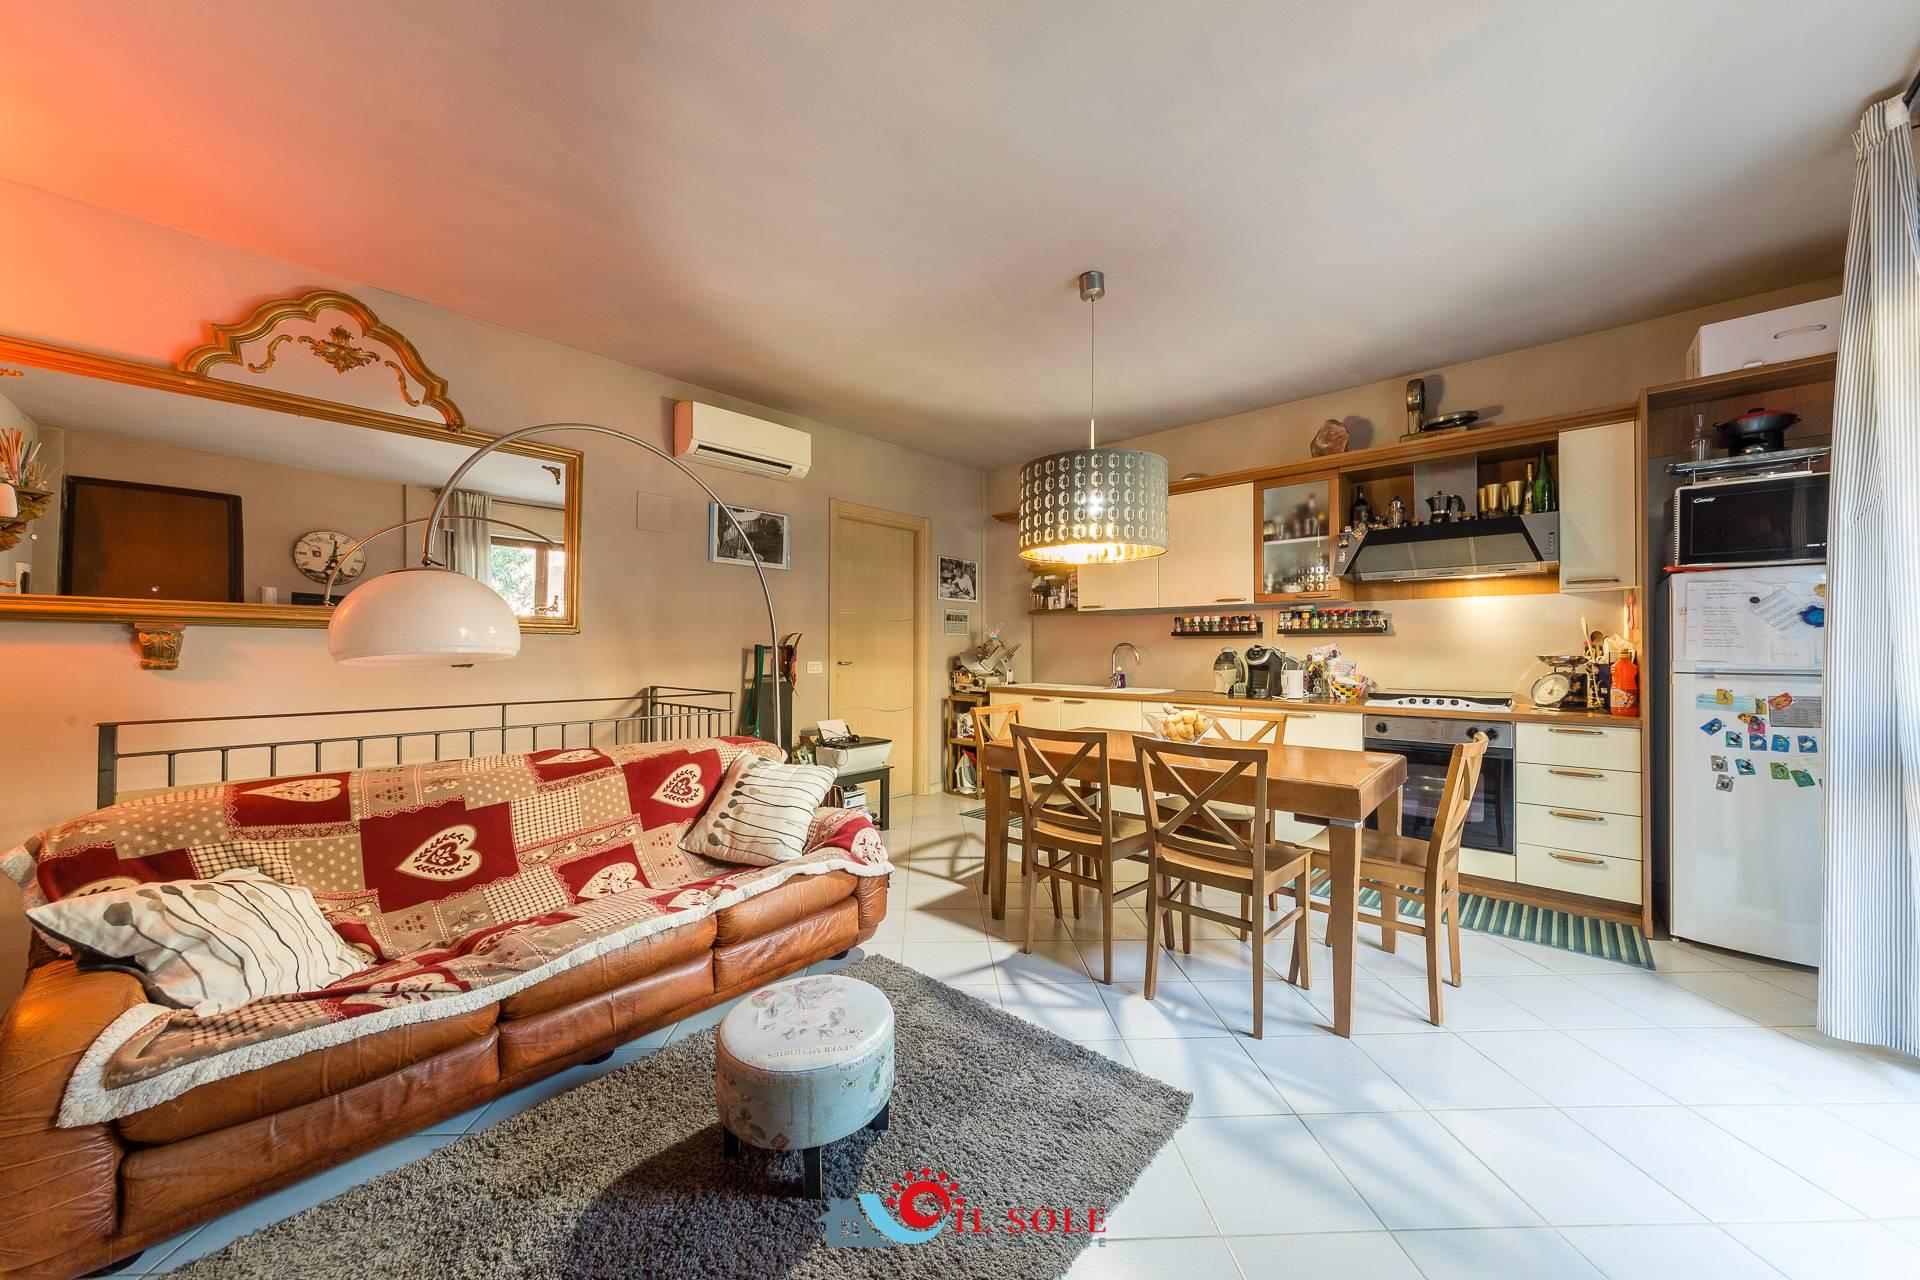 Appartamento in vendita a Pisa, 3 locali, zona Zona: Tirrenia, prezzo € 238.000 | CambioCasa.it